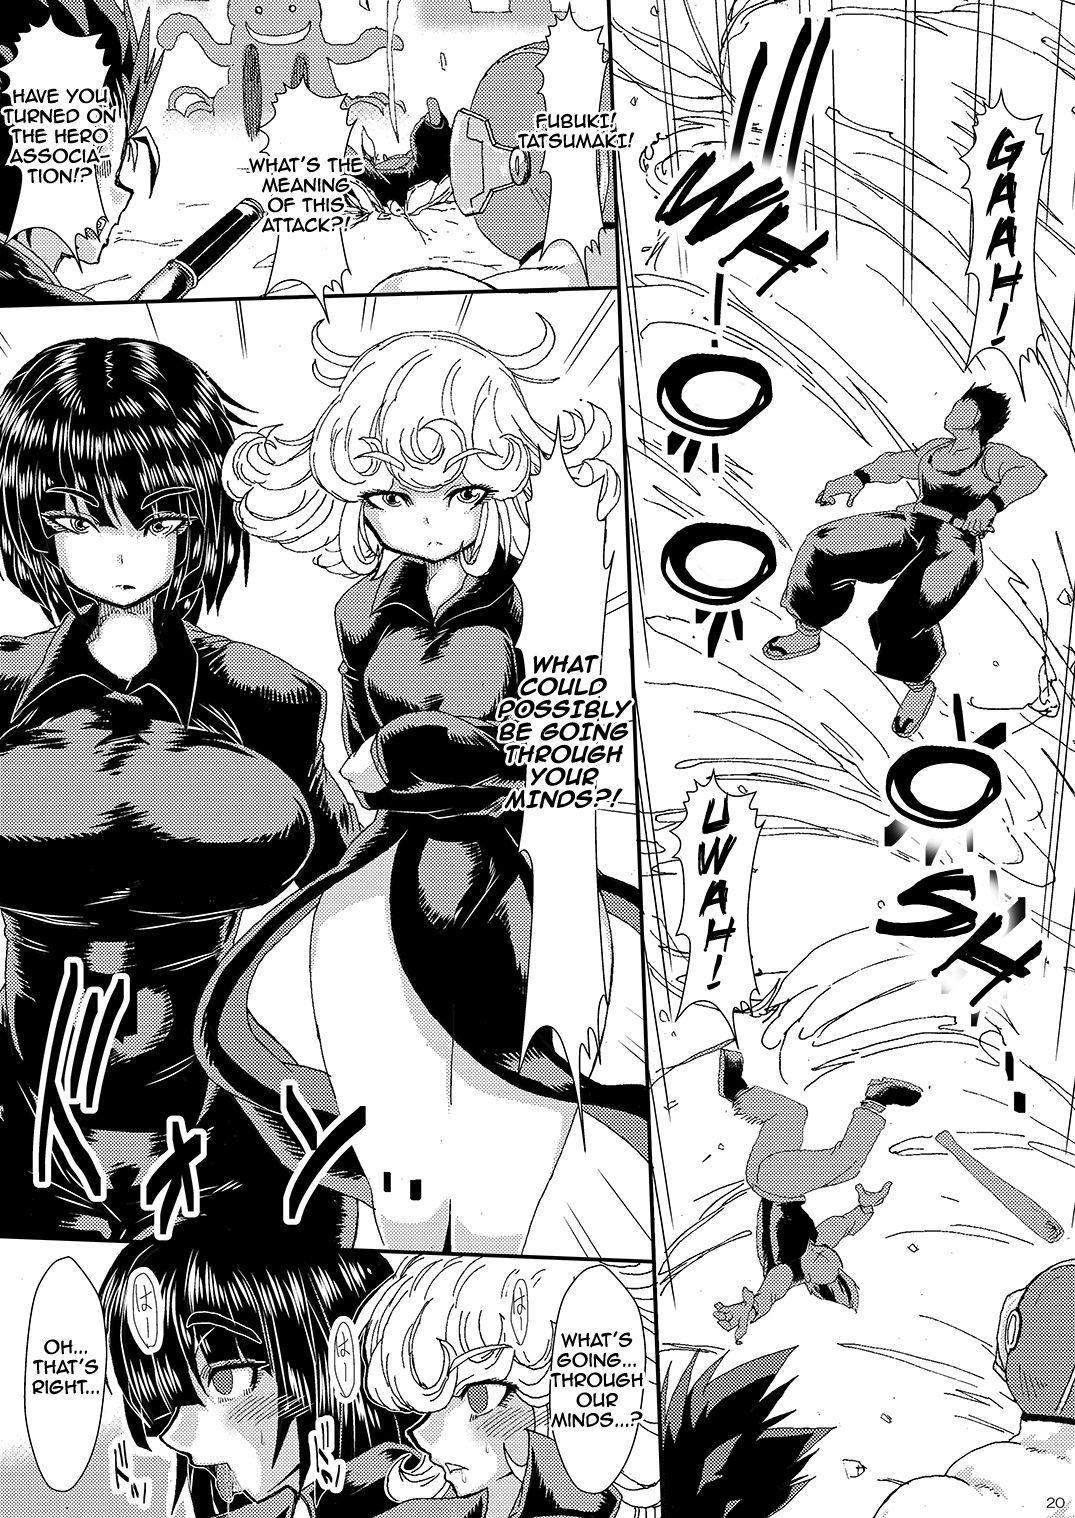 [Yuzuponz (Sakokichi)] IN RAN-WOMEN Kairaku ni Ochiru Shimai   Nympho-Women Sisters Falling into Ecstasy (One Punch Man) [English] [Jashinslayer] [Digital] 18